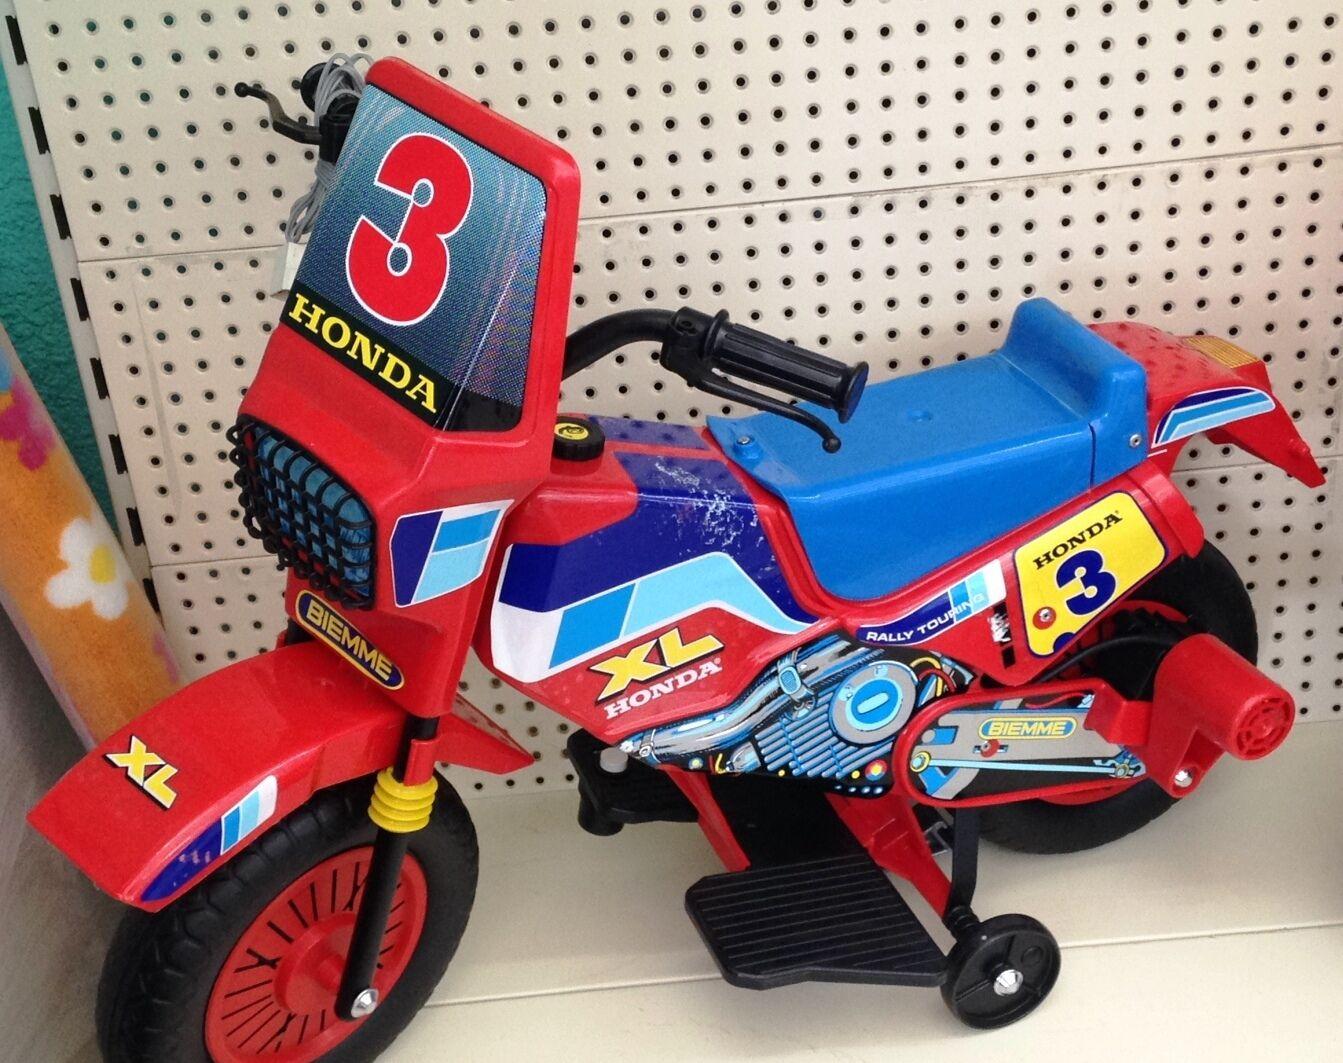 BIEMME moto motor motos con batería HONDA 750 XL vintage anni '80